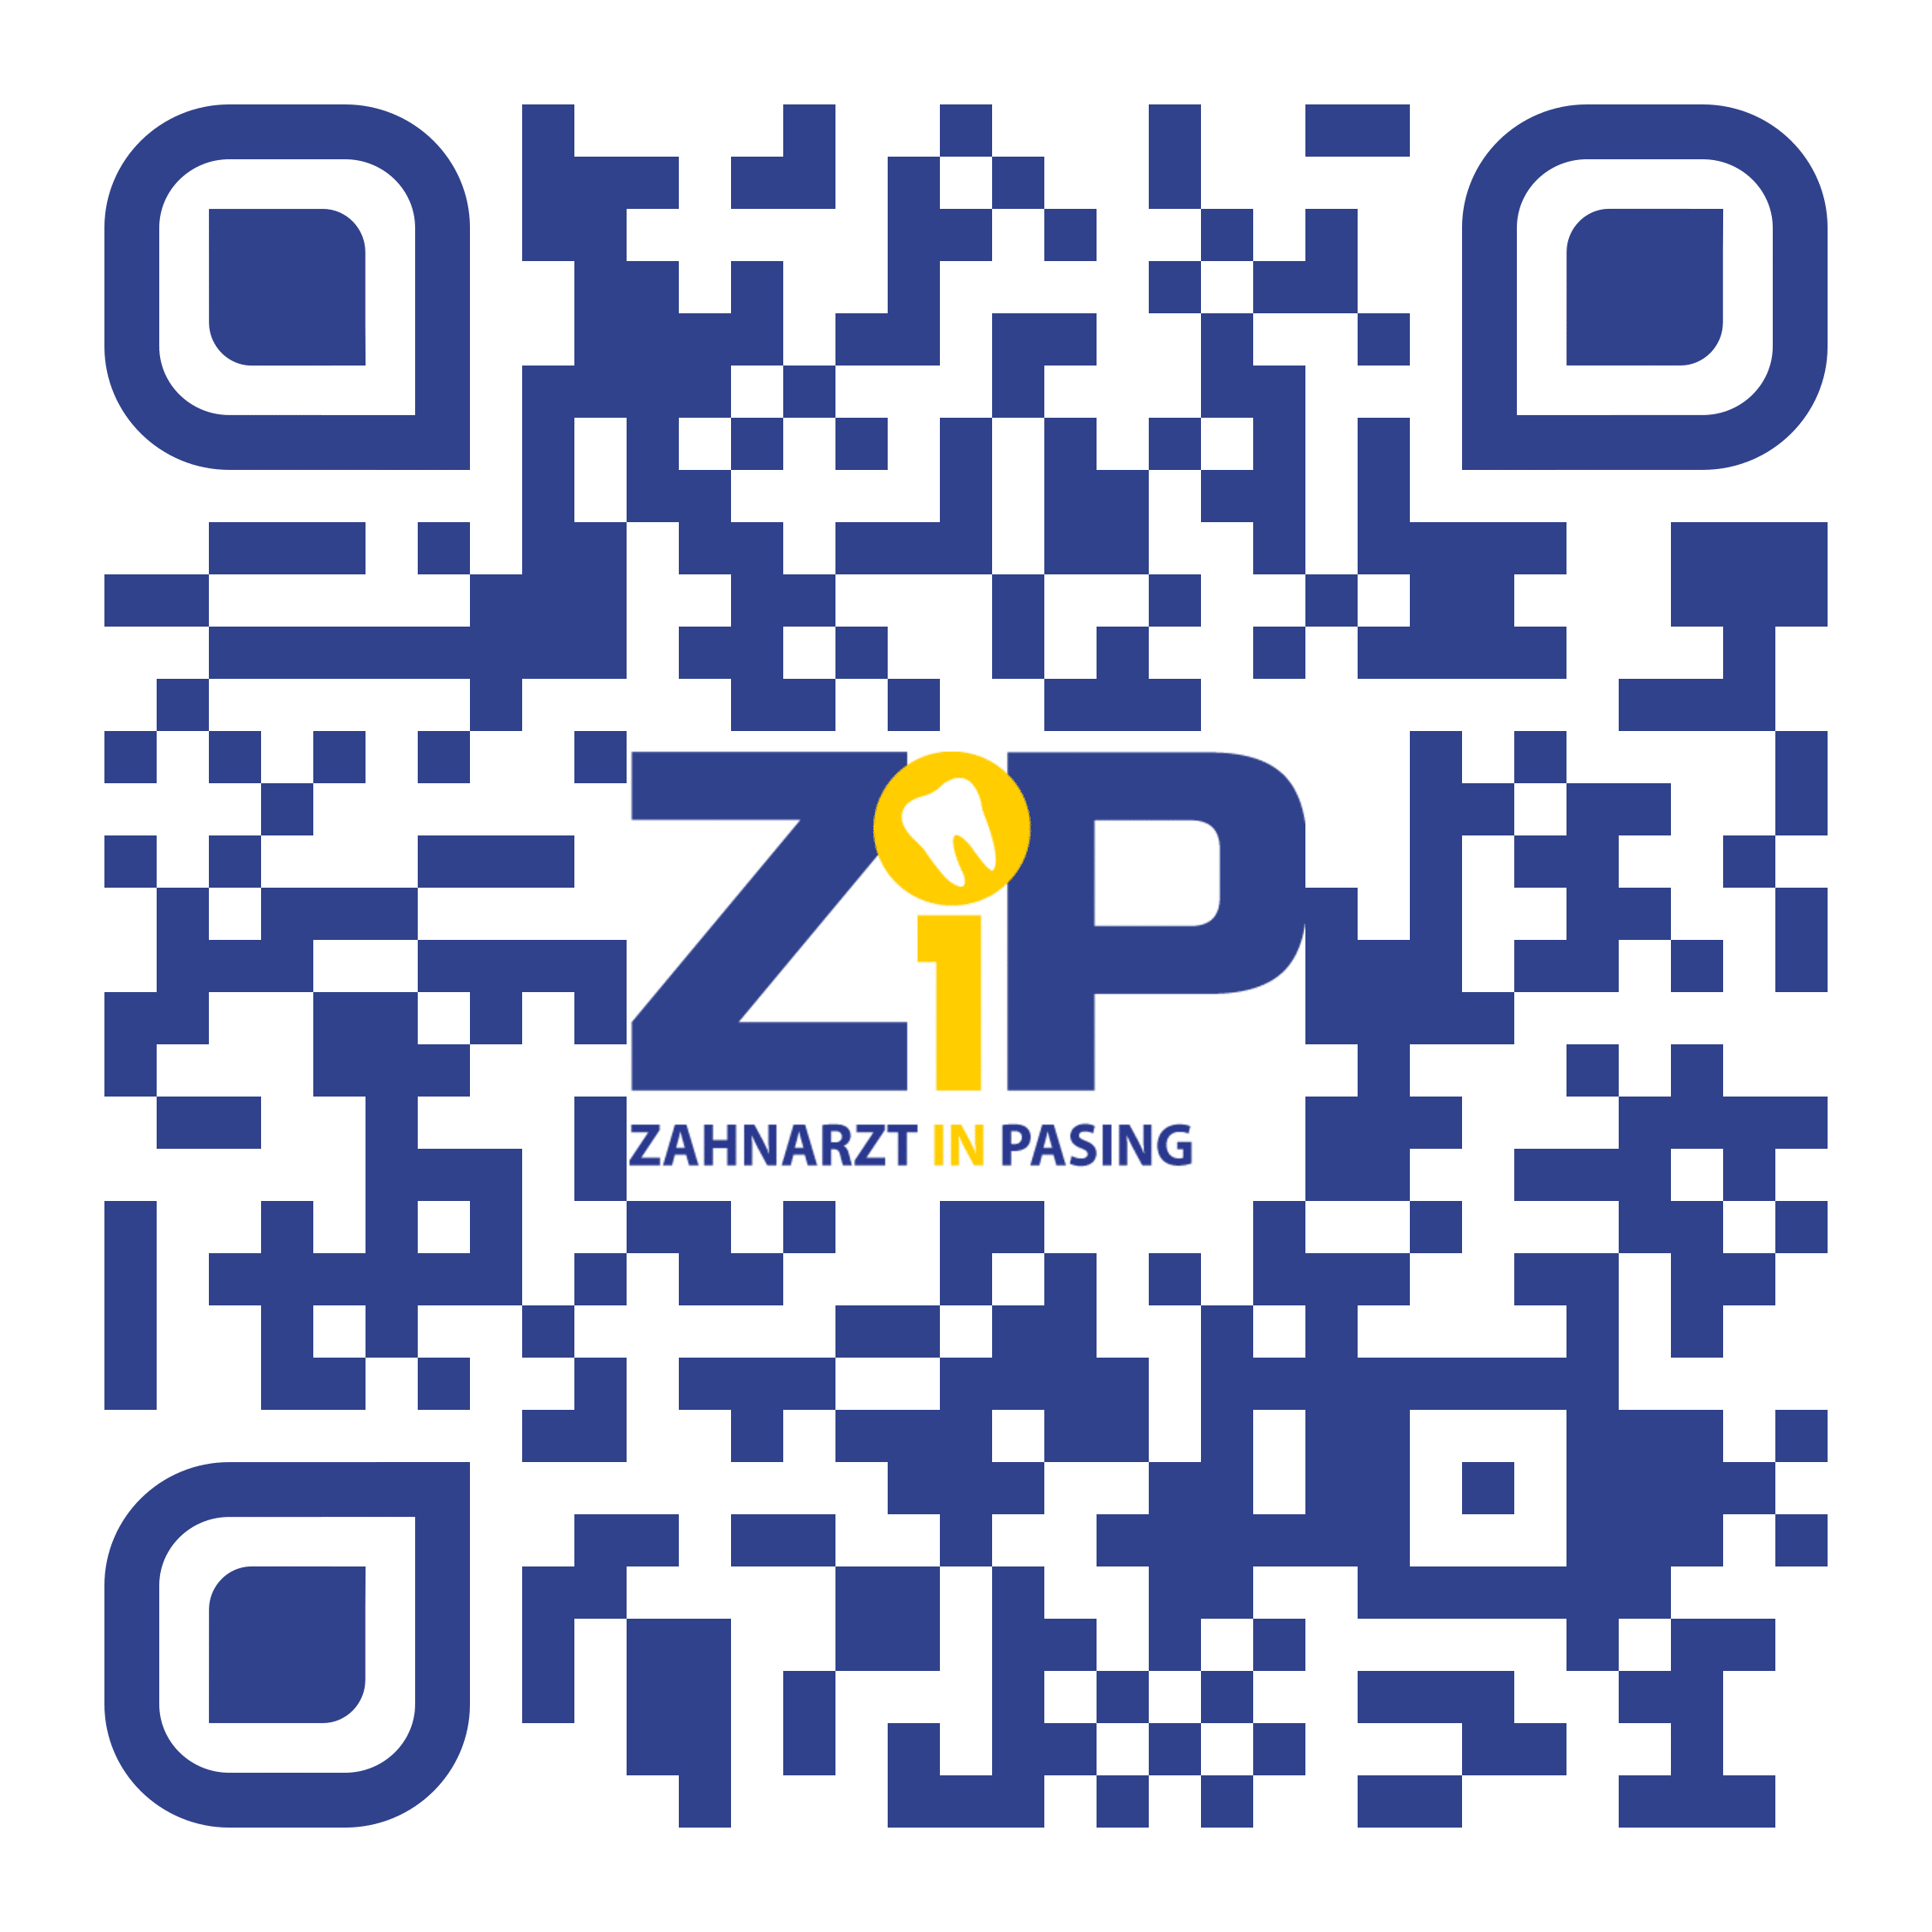 ZiP auf Google bewerten ☆☆☆☆☆